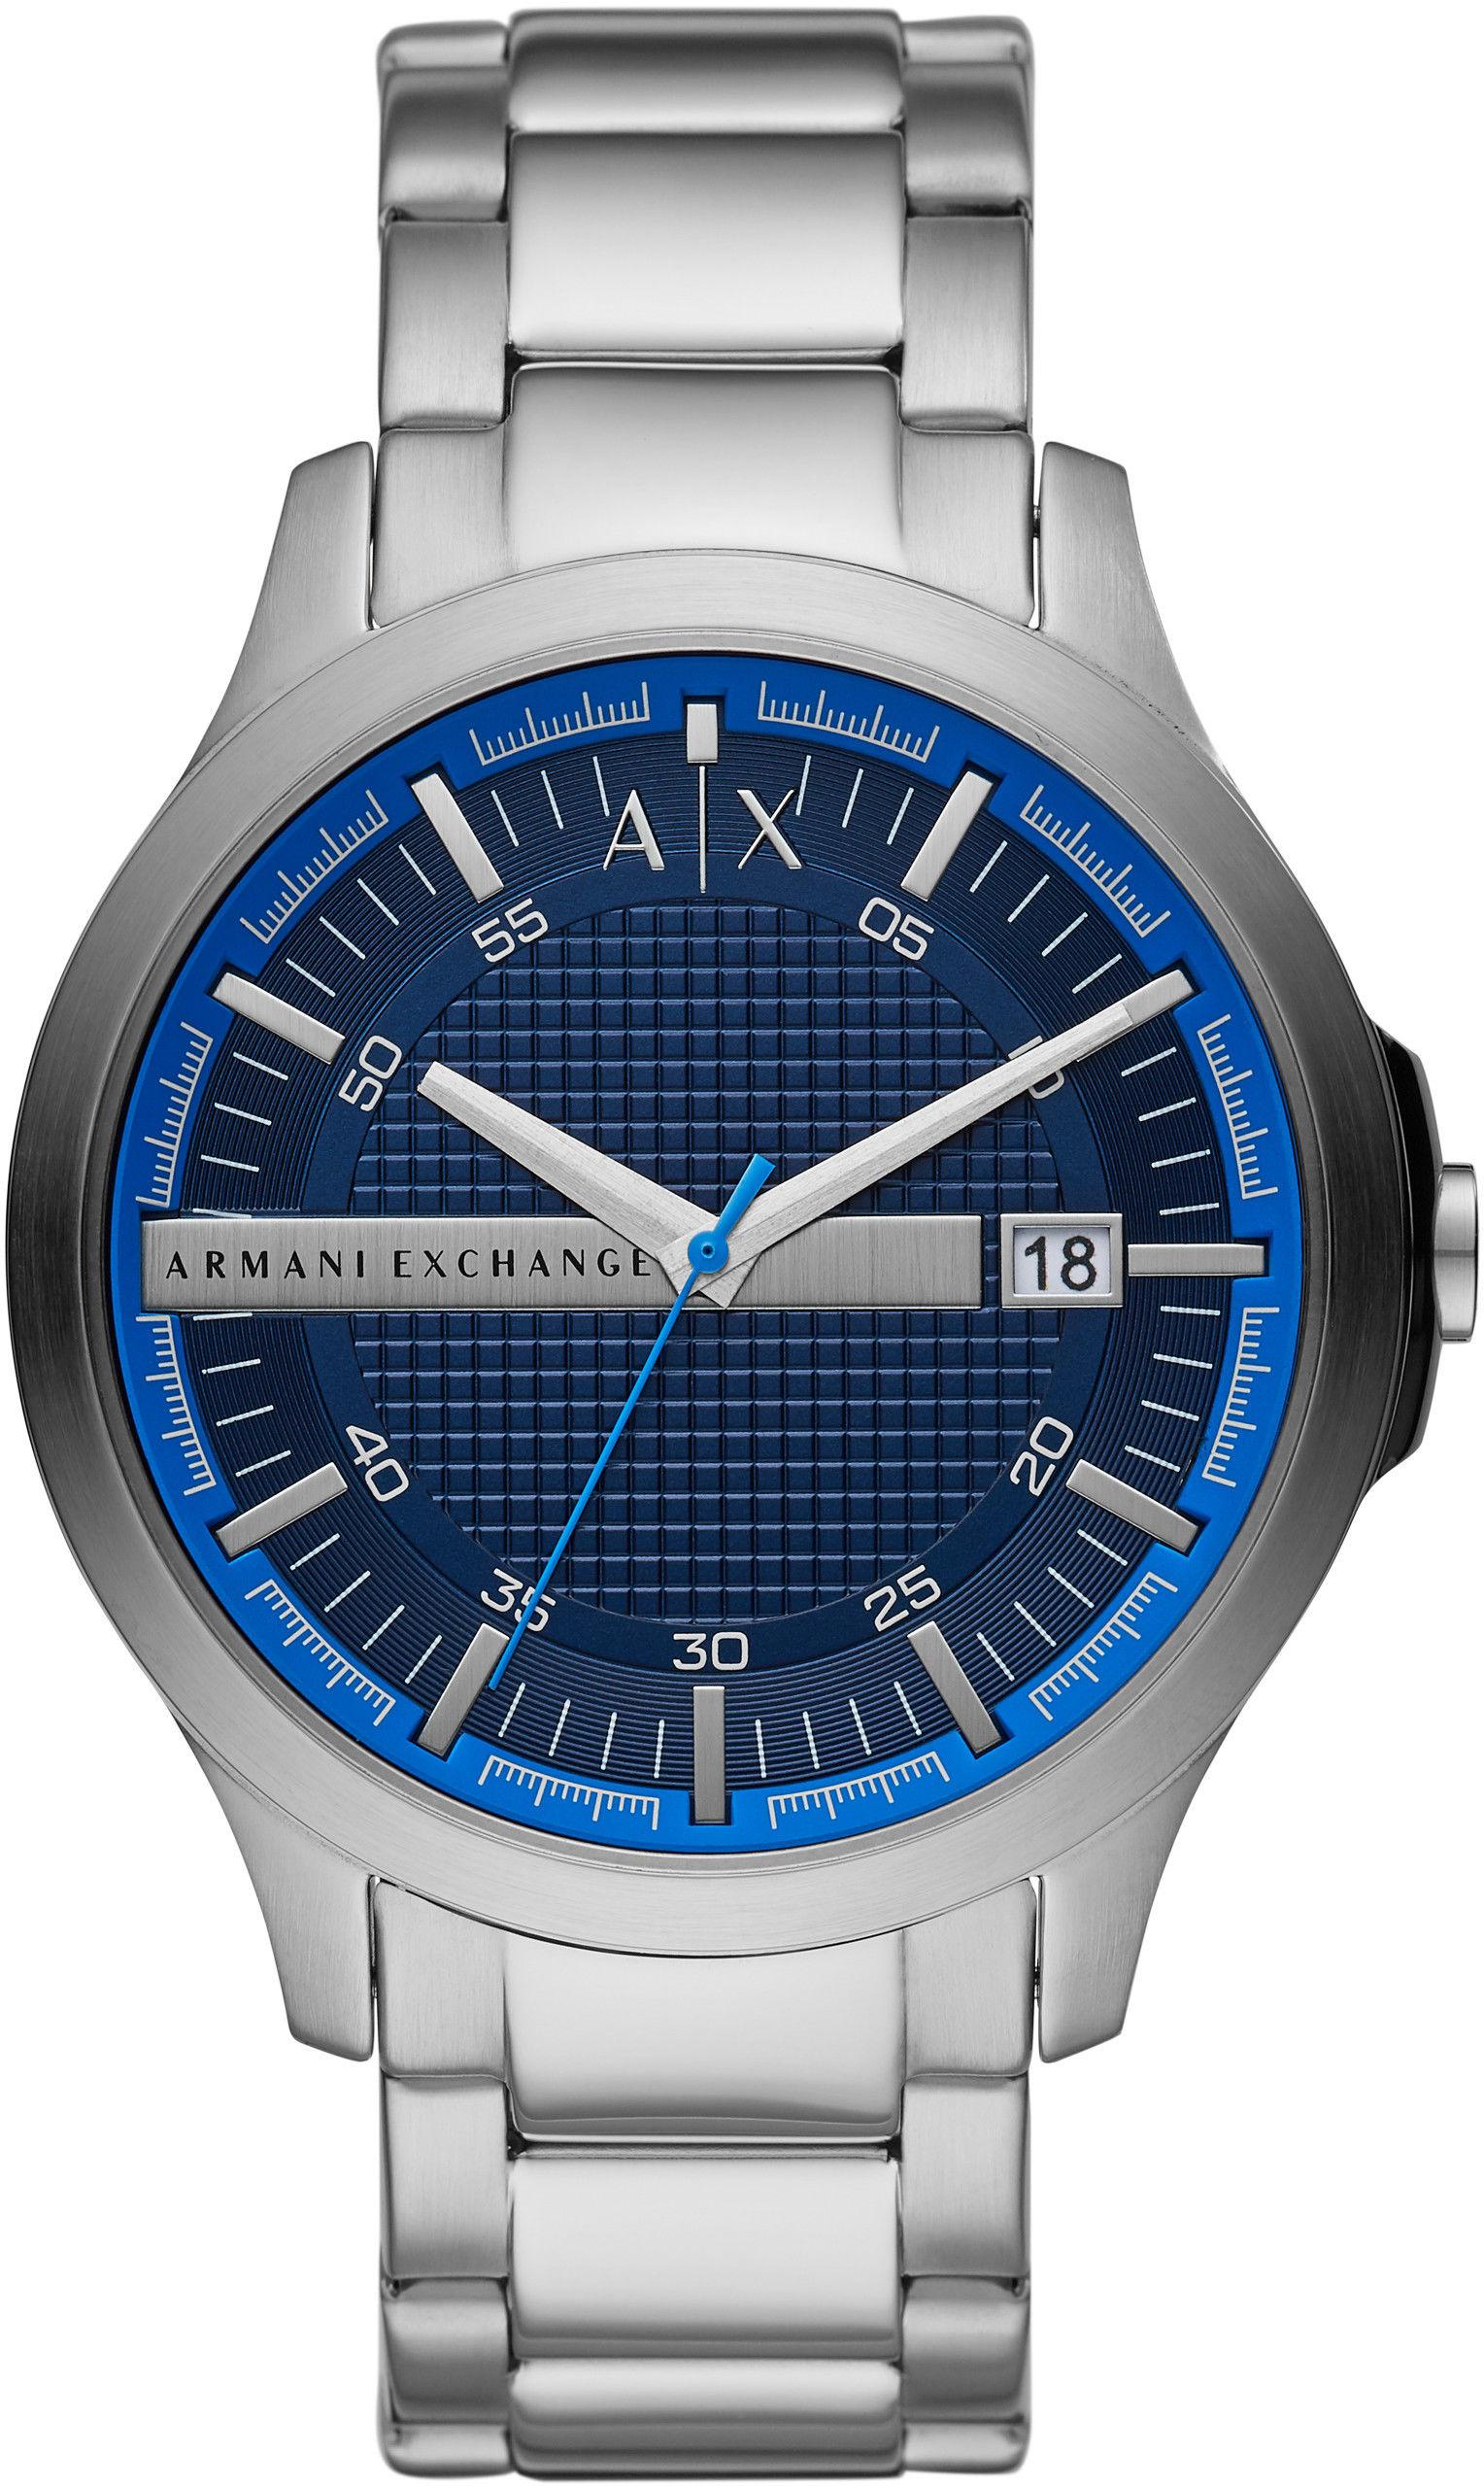 Zegarek Armani Exchange AX2408 HAMPTON - CENA DO NEGOCJACJI - DOSTAWA DHL GRATIS, KUPUJ BEZ RYZYKA - 100 dni na zwrot, możliwość wygrawerowania dowolnego tekstu.